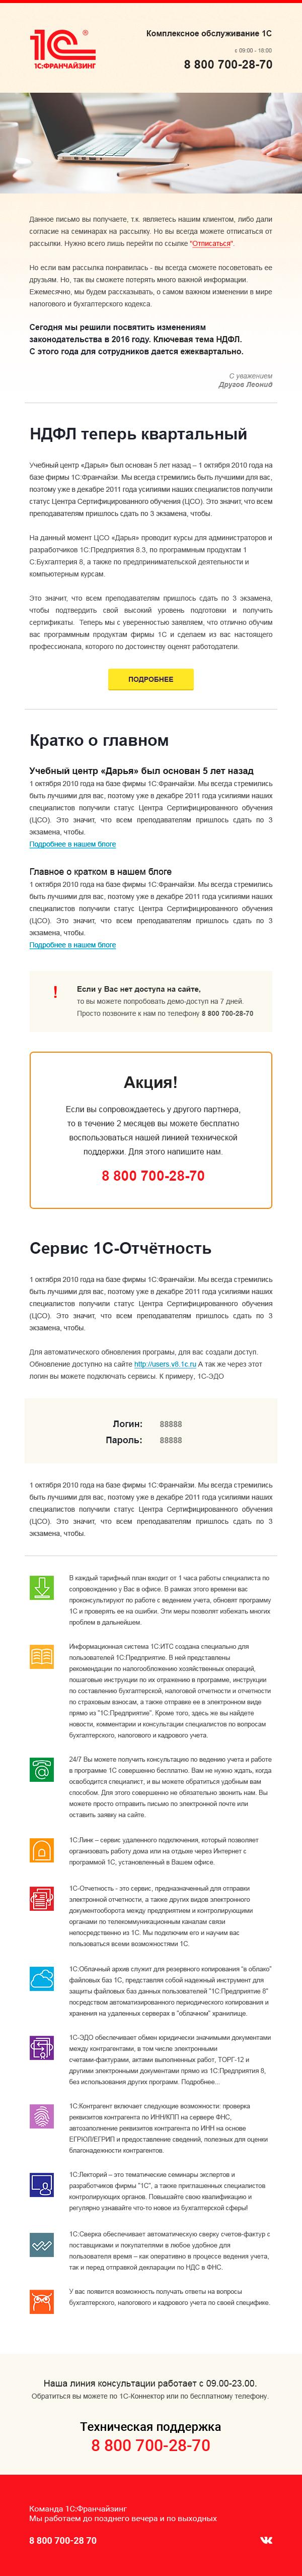 HTML рассылка для компании 1C:Франчайзинг